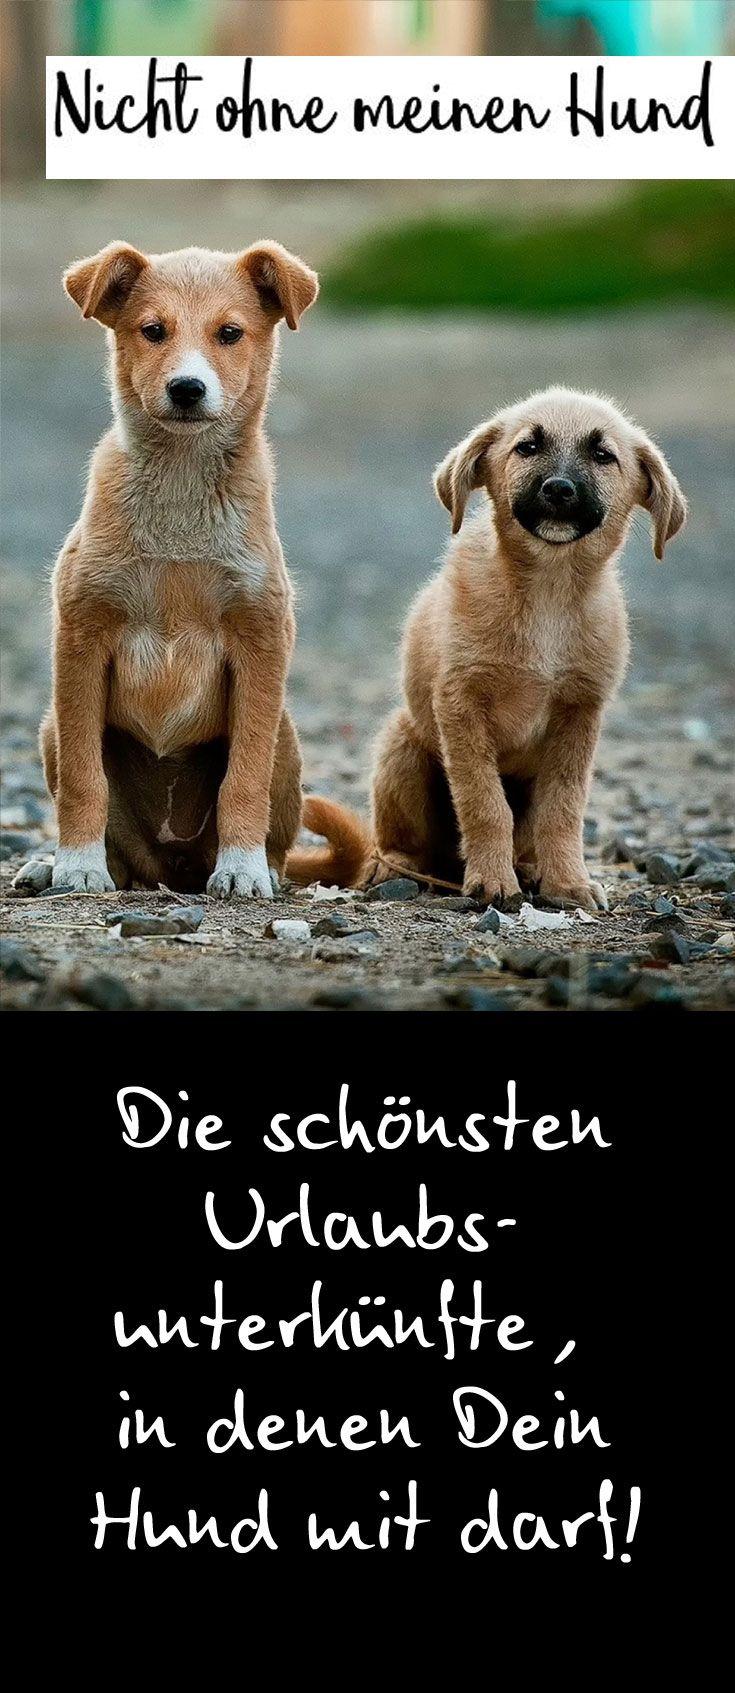 Entdecke Tolle Urlaubsunterkunfte Fur Deinen Urlaub Mit Hund Urlaubmithund Hundeurlaub Hund Urlaub Mit Hund Hund Reisen Ferien Mit Hund